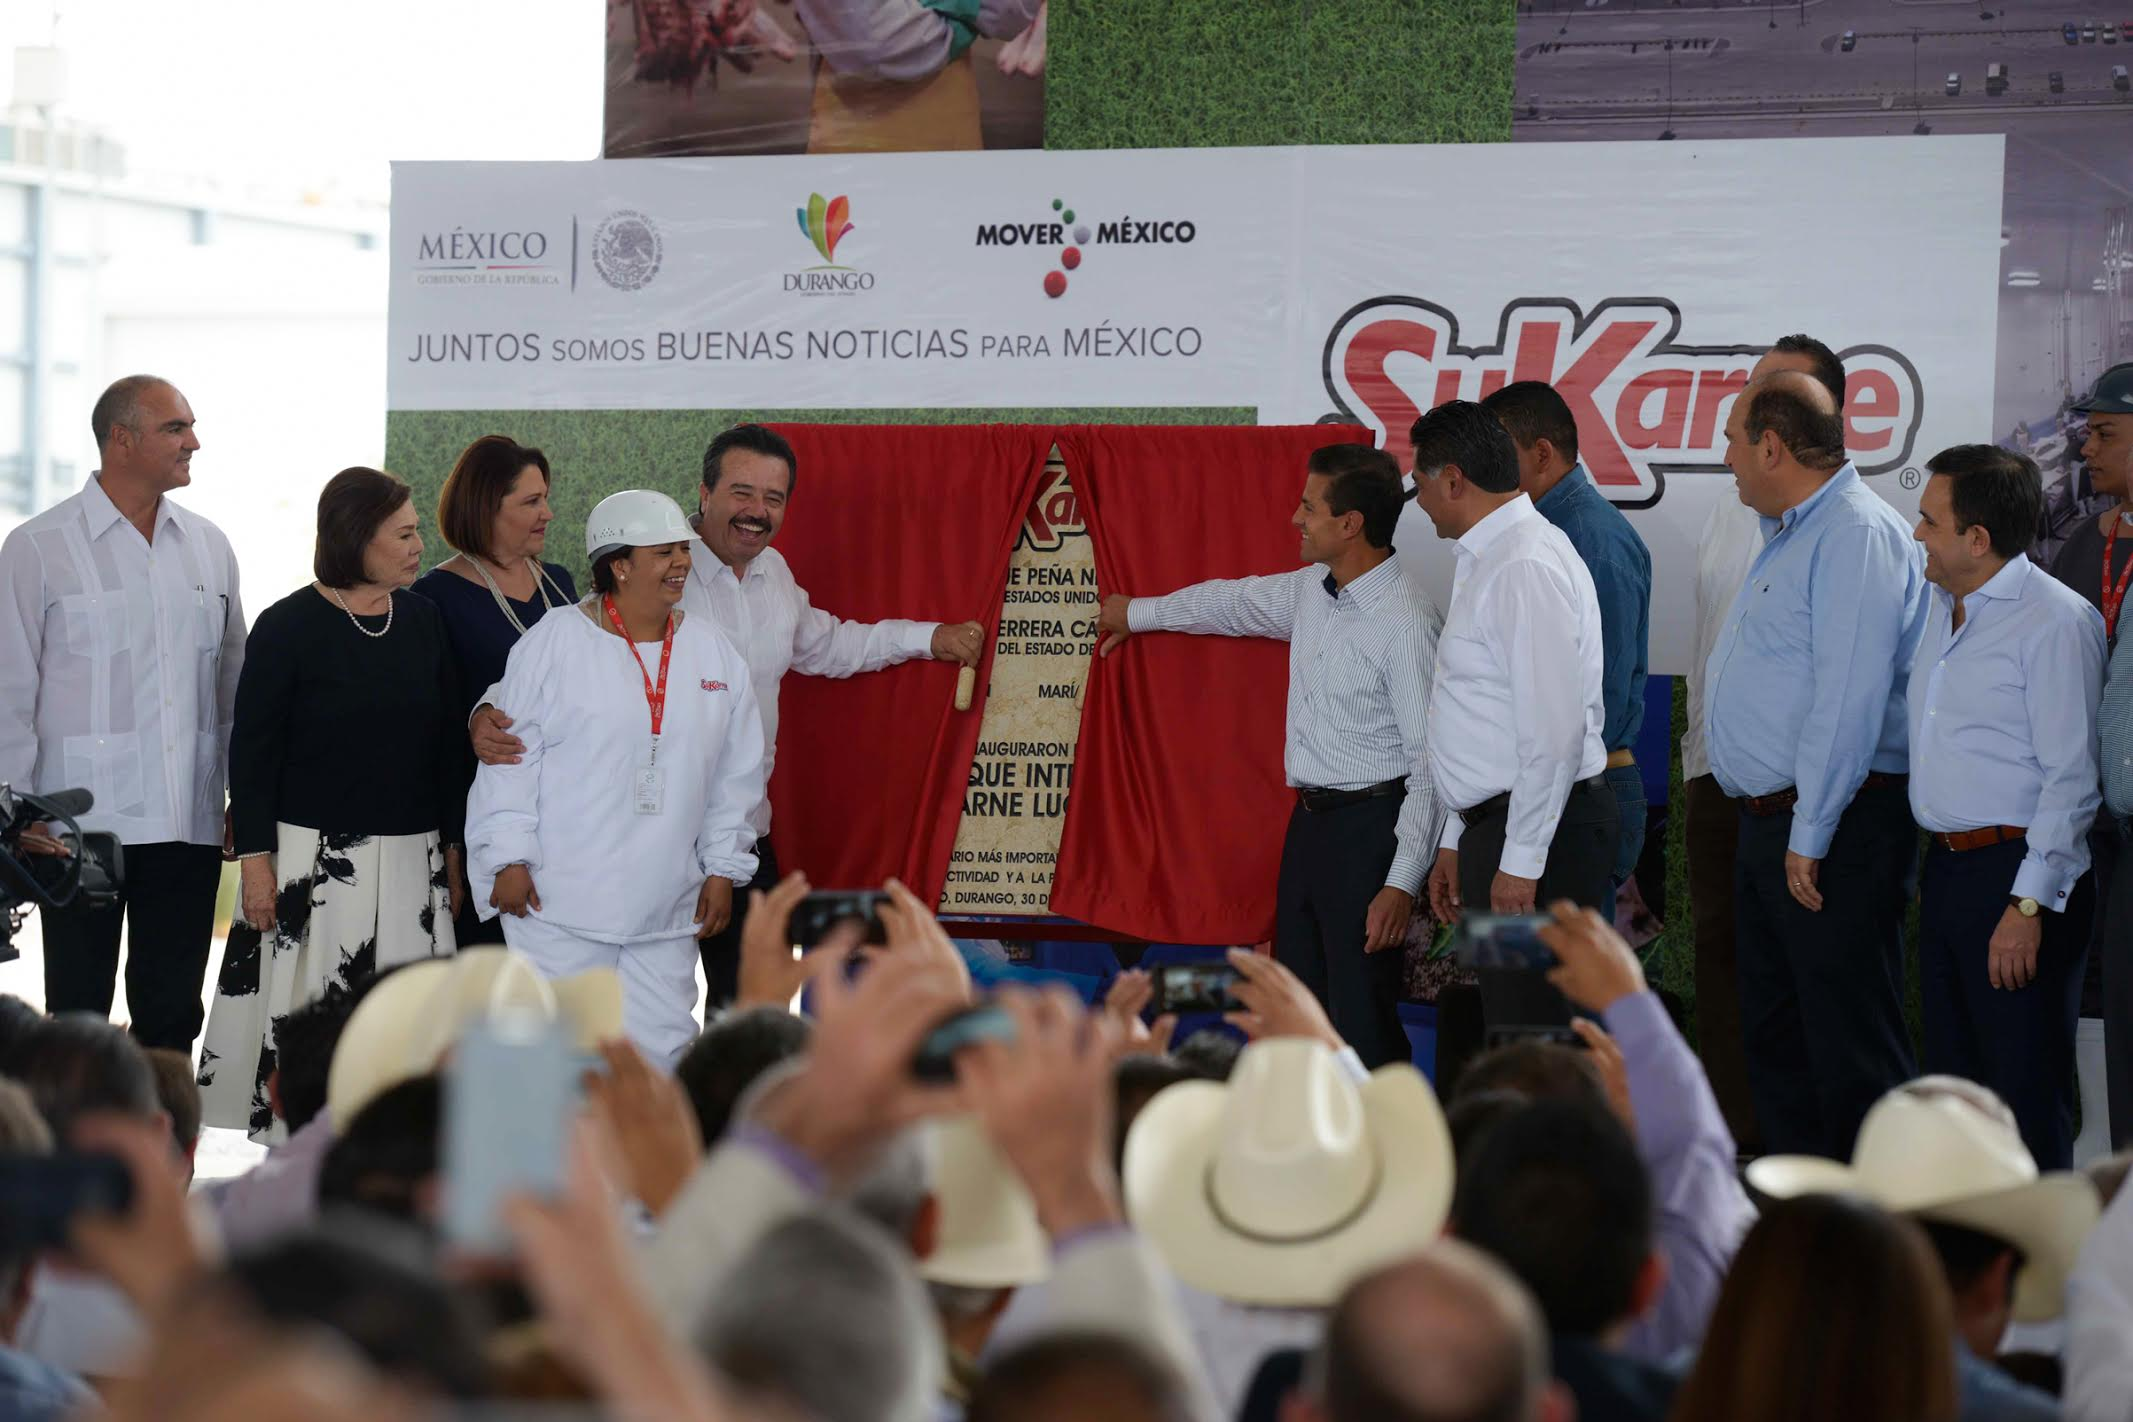 """El Primer Mandatario inauguró el Agroparque """"Integradora SuKarne Lucero"""", que generará 6 mil empleos formales de manera directa en los próximos meses."""